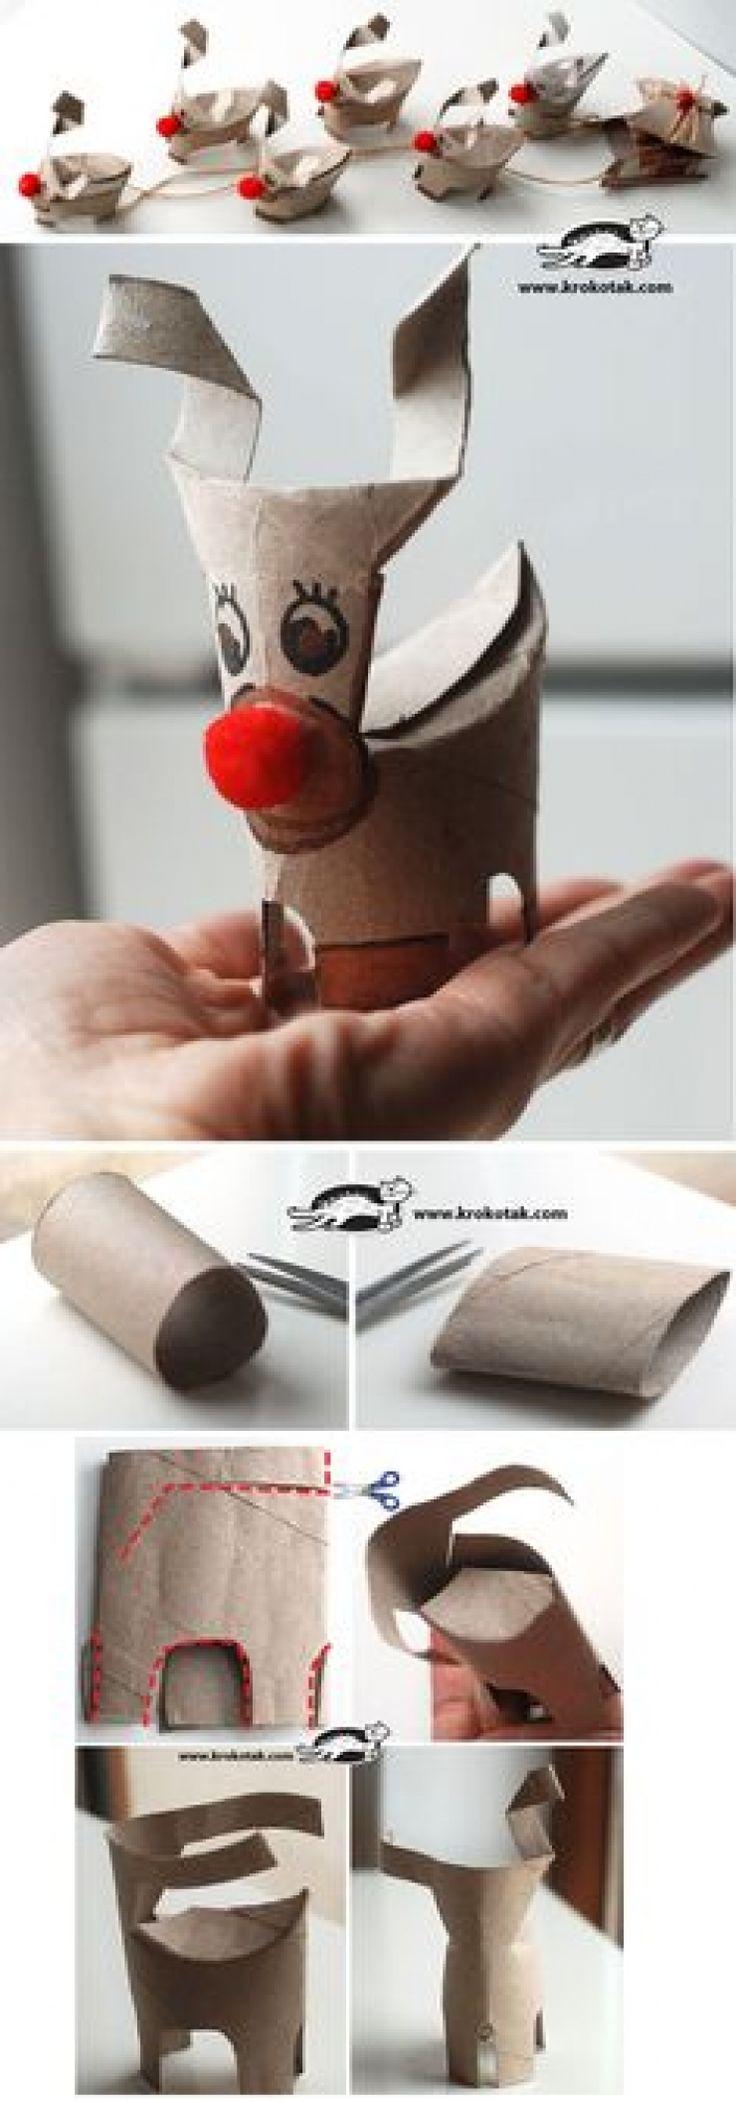 Vous n'imaginez pas tout ce qu'on peut faire avec des rouleaux de papier toilette! Créativité quand tu nous tiens...